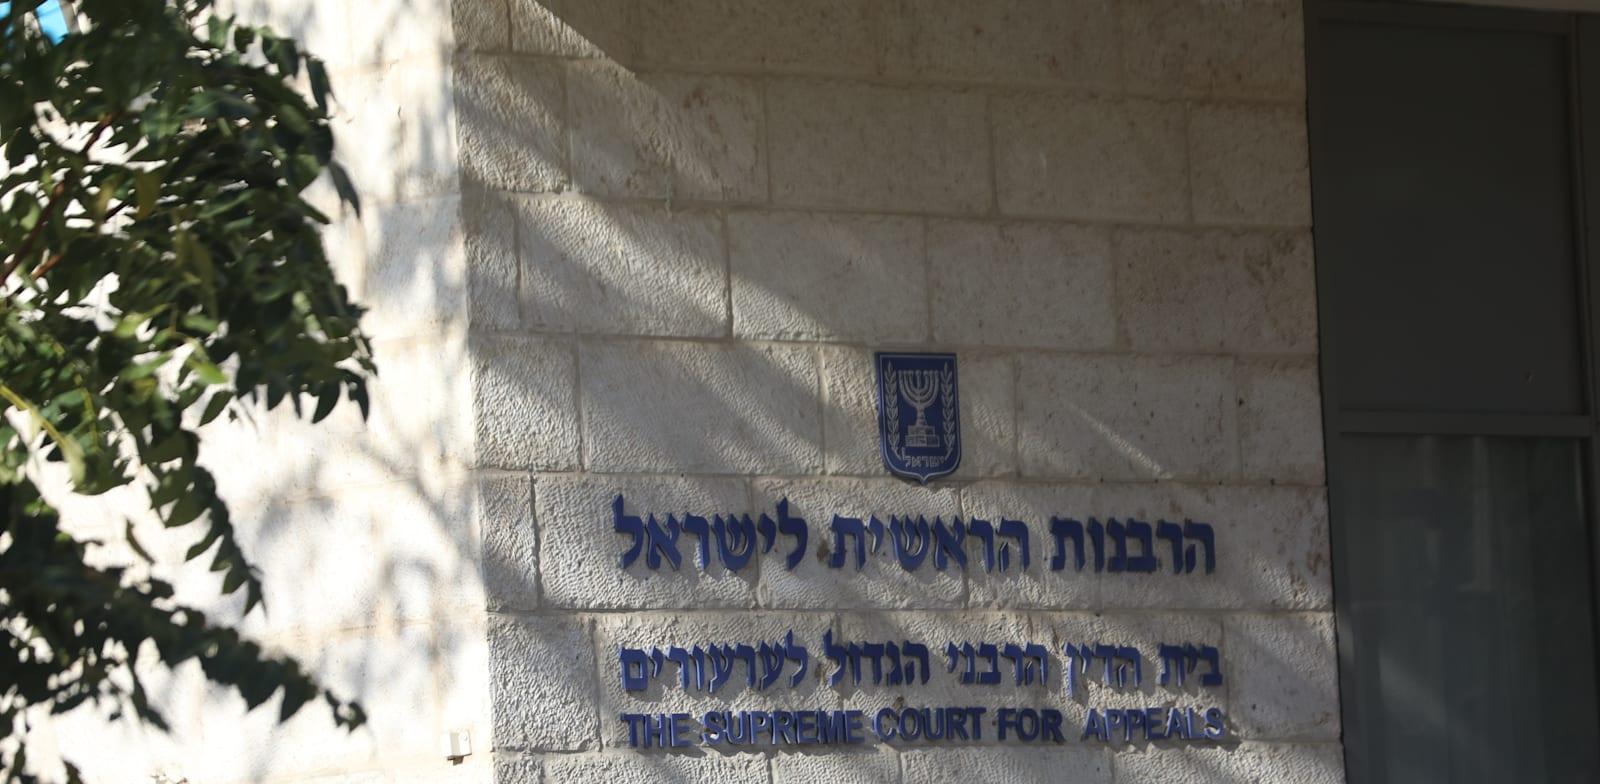 בניין בית הדין הרבני הגדול בירושלים / צילום: יוסי זמיר